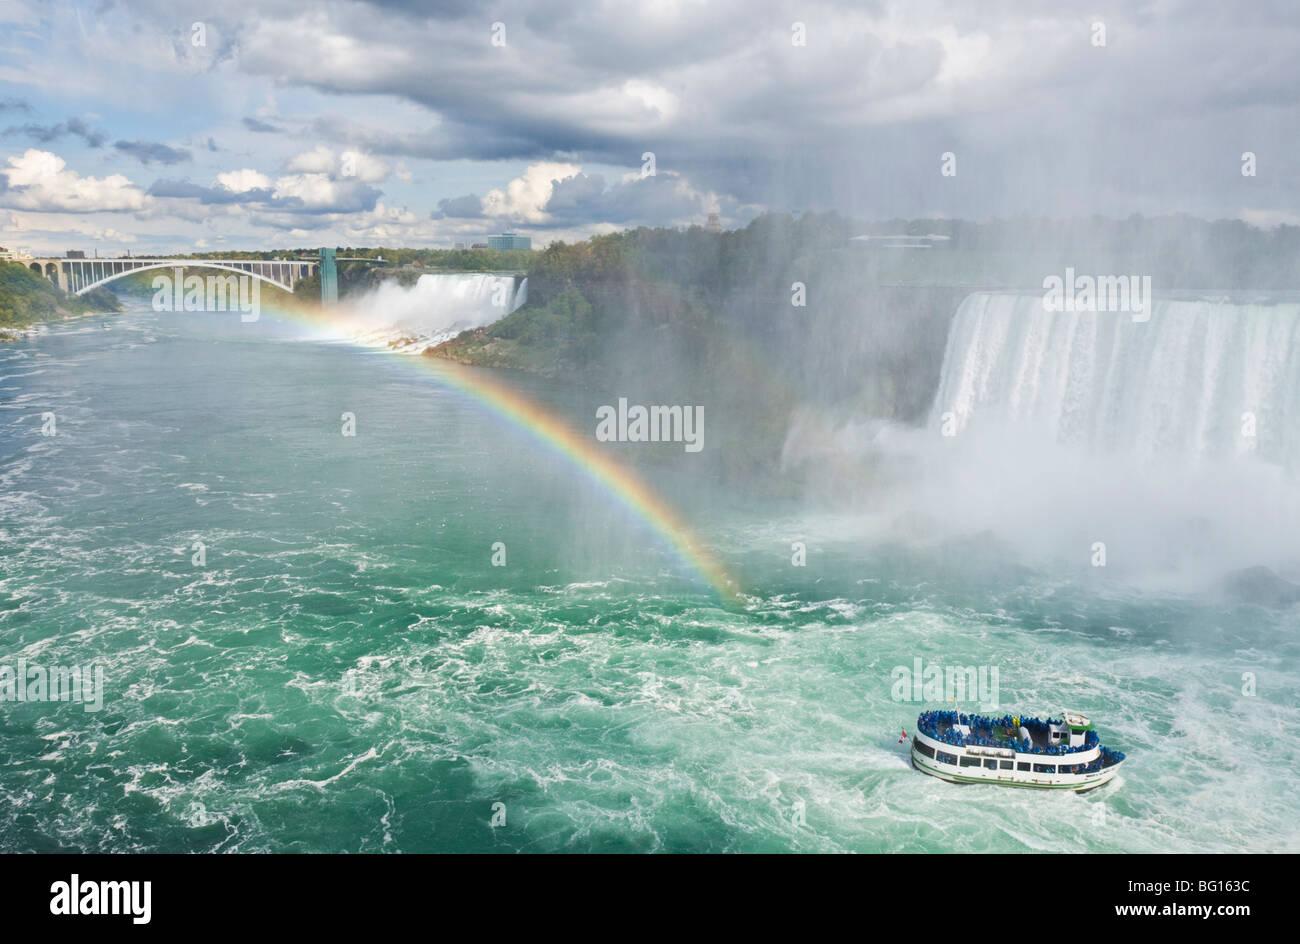 Mädchen der Nebel Tour Ausflug Boot unter den Horseshoe Falls Wasserfall mit Regenbogen am Niagara Falls, Ontario, Stockbild